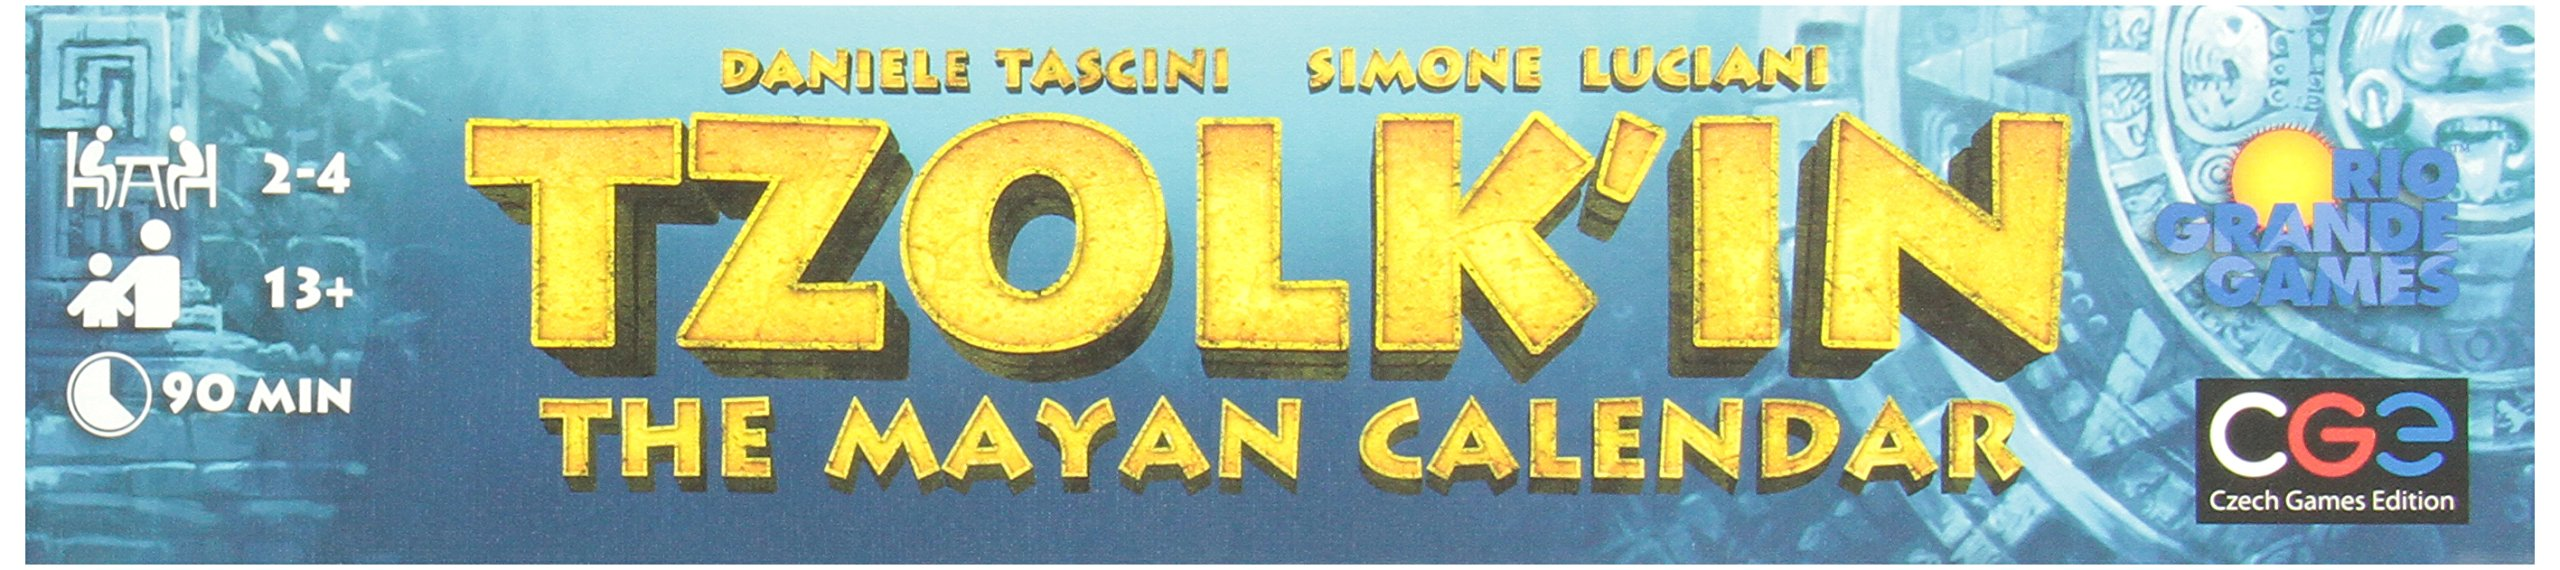 Czech Games Tzolk'in: The Mayan Calendar by Czech Games (Image #4)